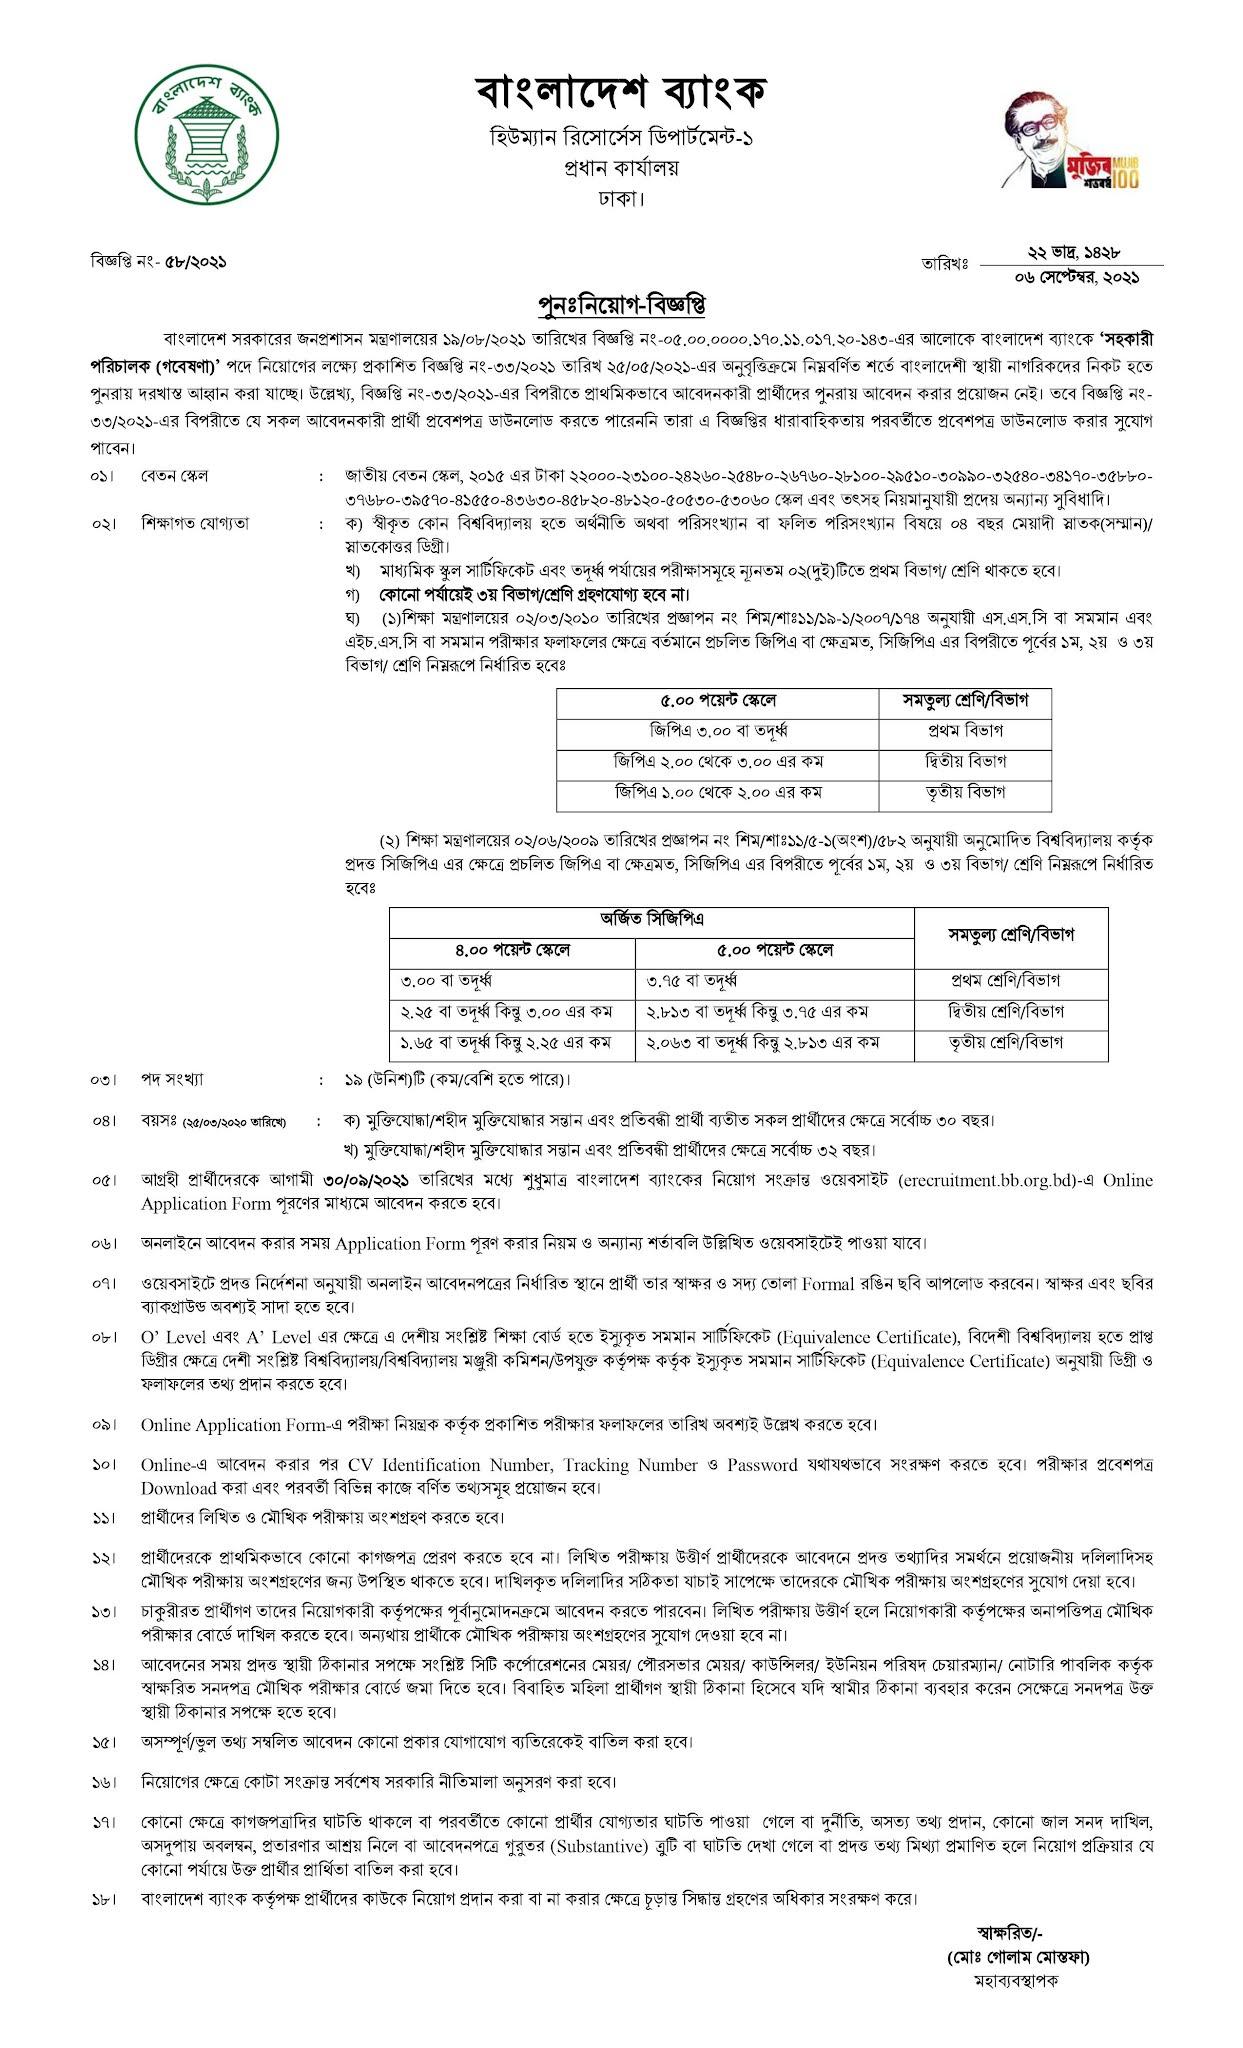 বাংলাদেশ ব্যাংক নিয়োগ বিজ্ঞপ্তি - Bangladesh Bank Job Circular - বাংলাদেশ ব্যাংক নিয়োগ বিজ্ঞপ্তি 2021